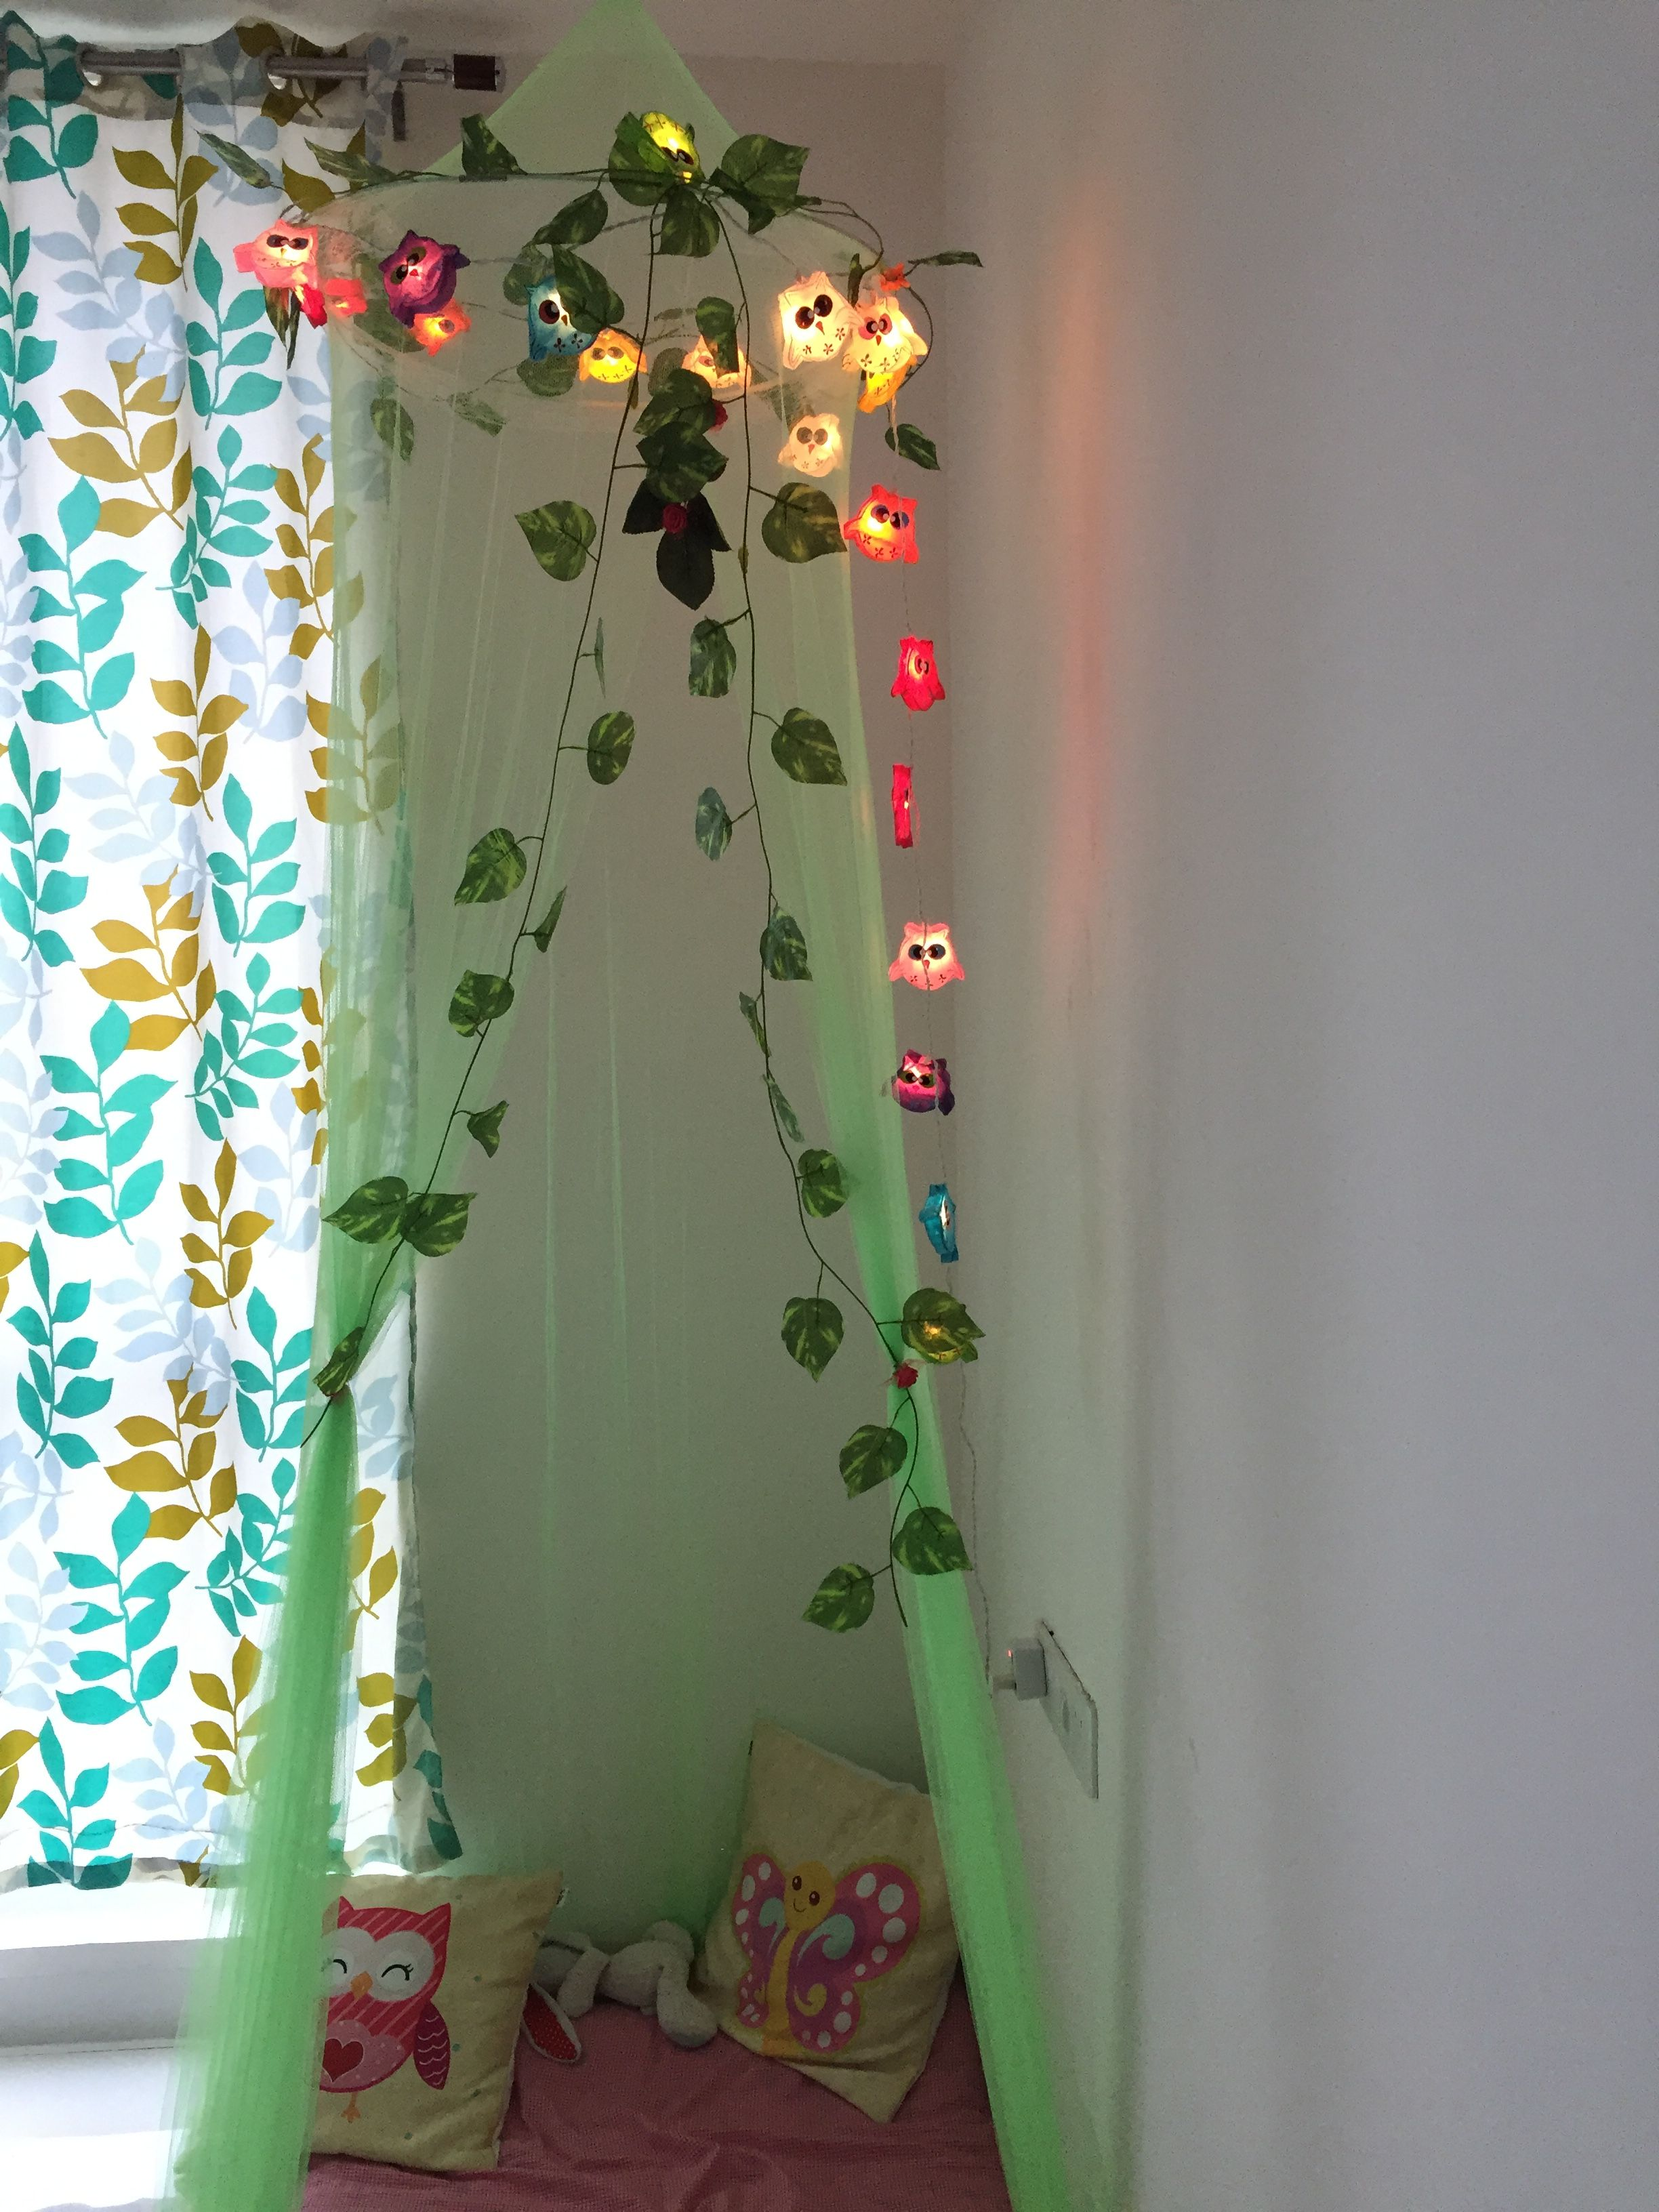 Fairy Tent Castle Imagination Space Apartment Decor Indian Home Decor Rental Home Decor